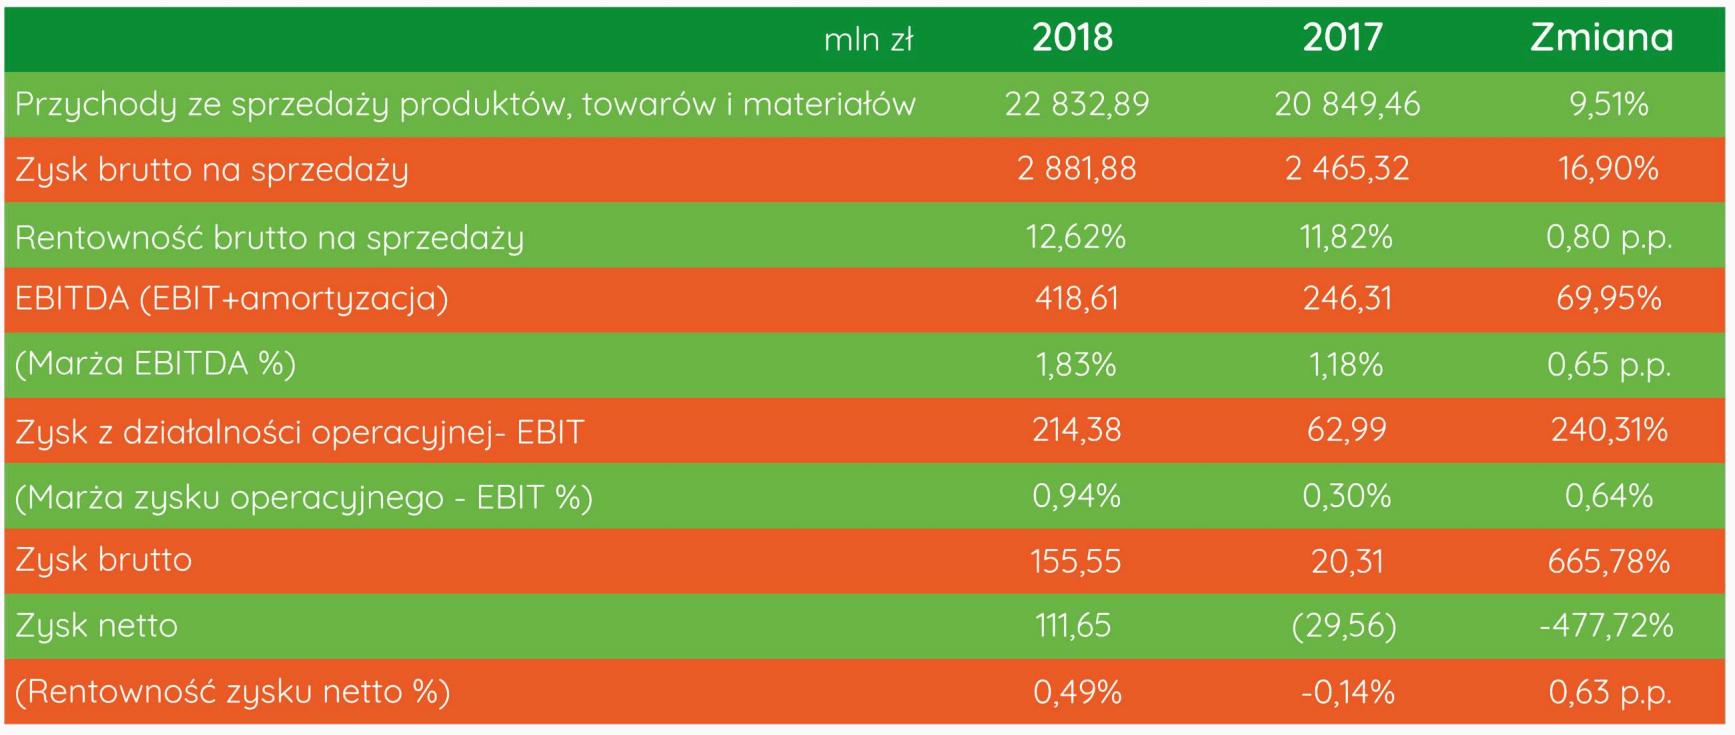 eurocash wyniki